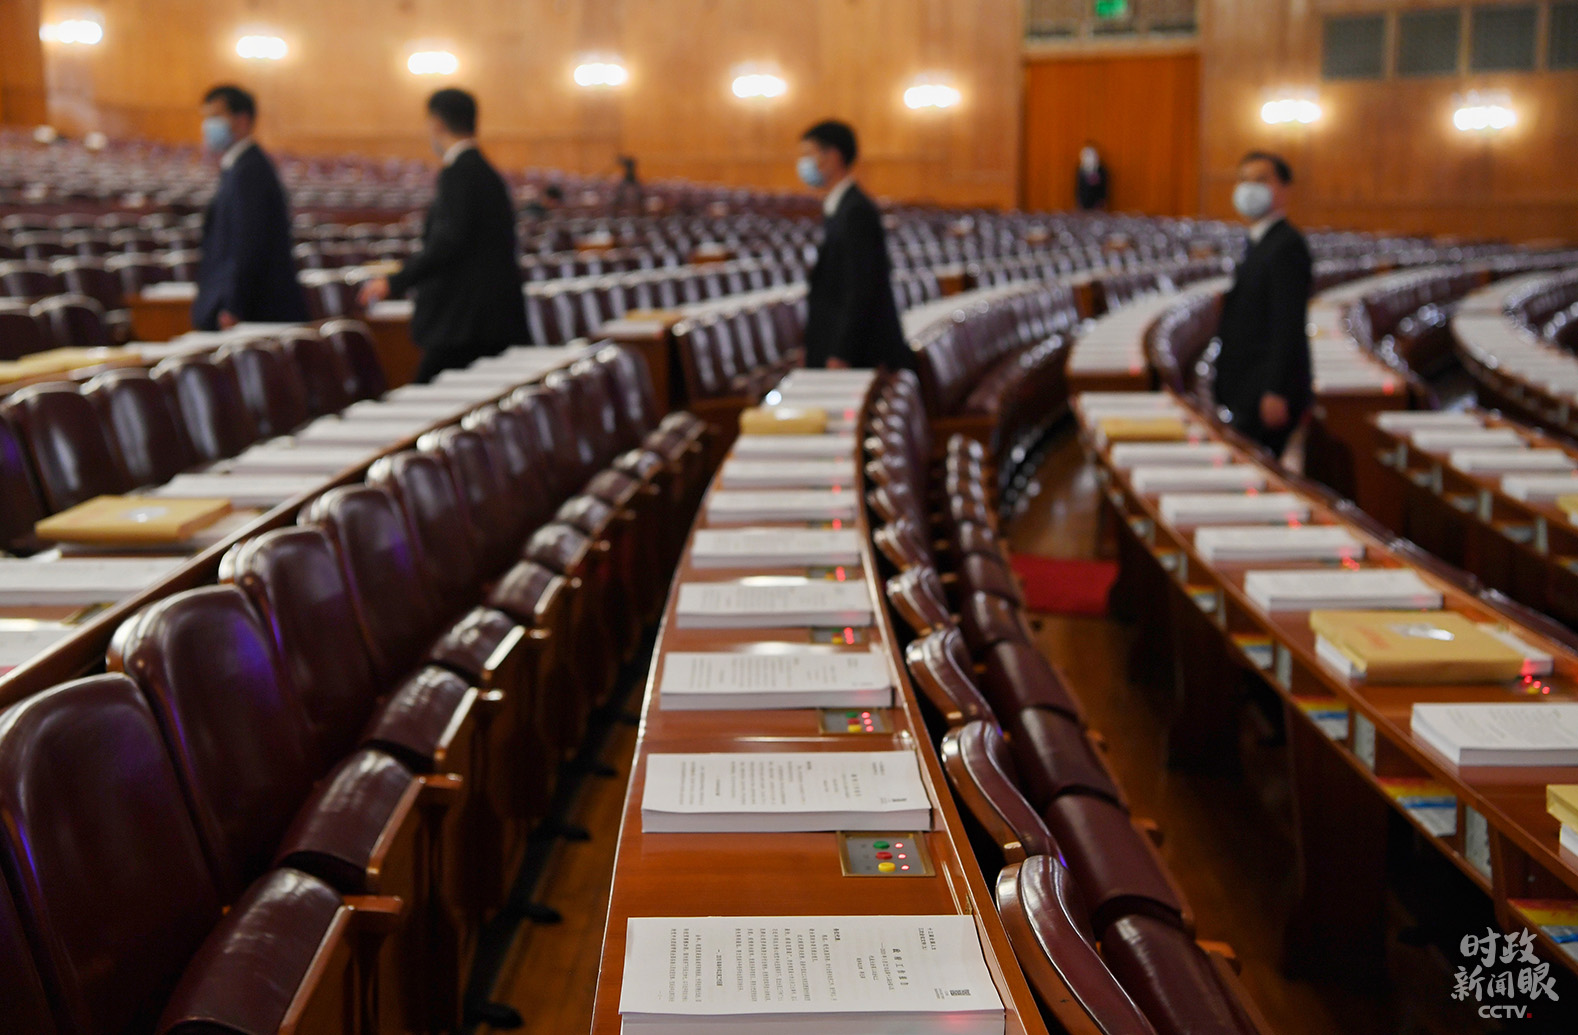 大礼堂静待大会开幕。(总台央视记者张宇、廖江衡拍摄)